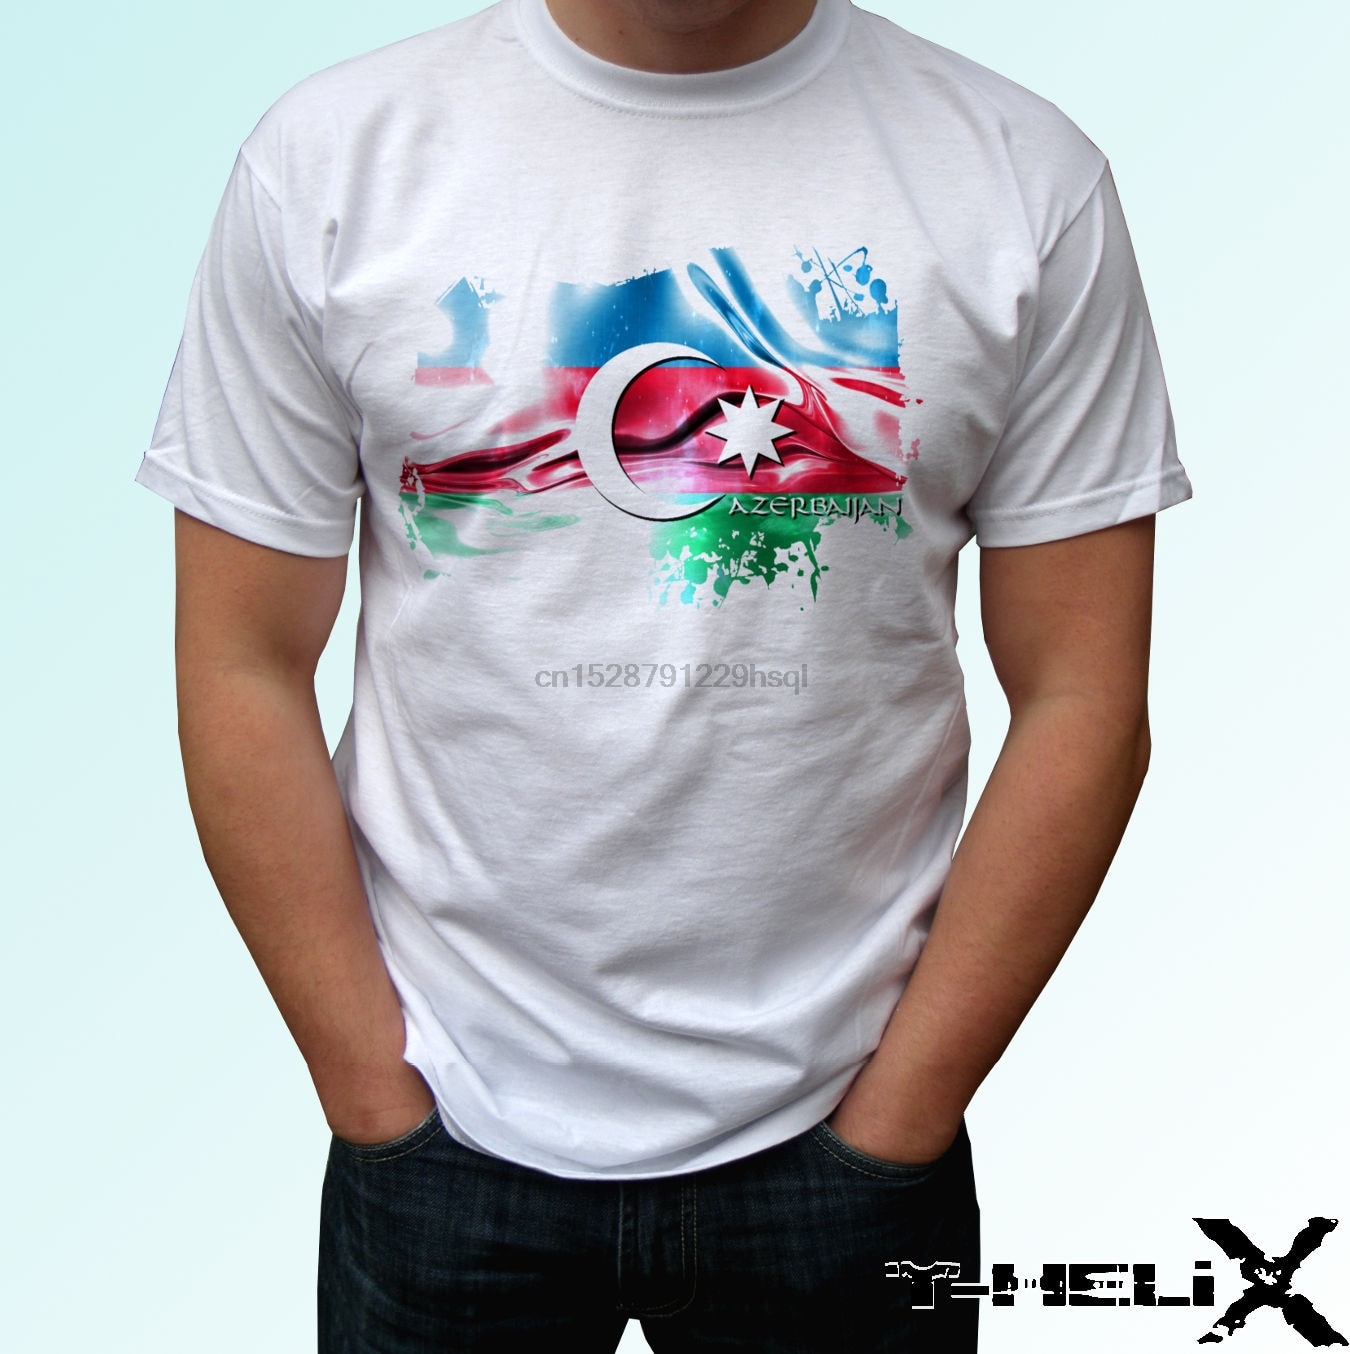 Bandera de Azerbayán, camiseta blanca, diseño superior para hombres y mujeres, tallas de bebé, camiseta a la moda, Camiseta de algodón 100%